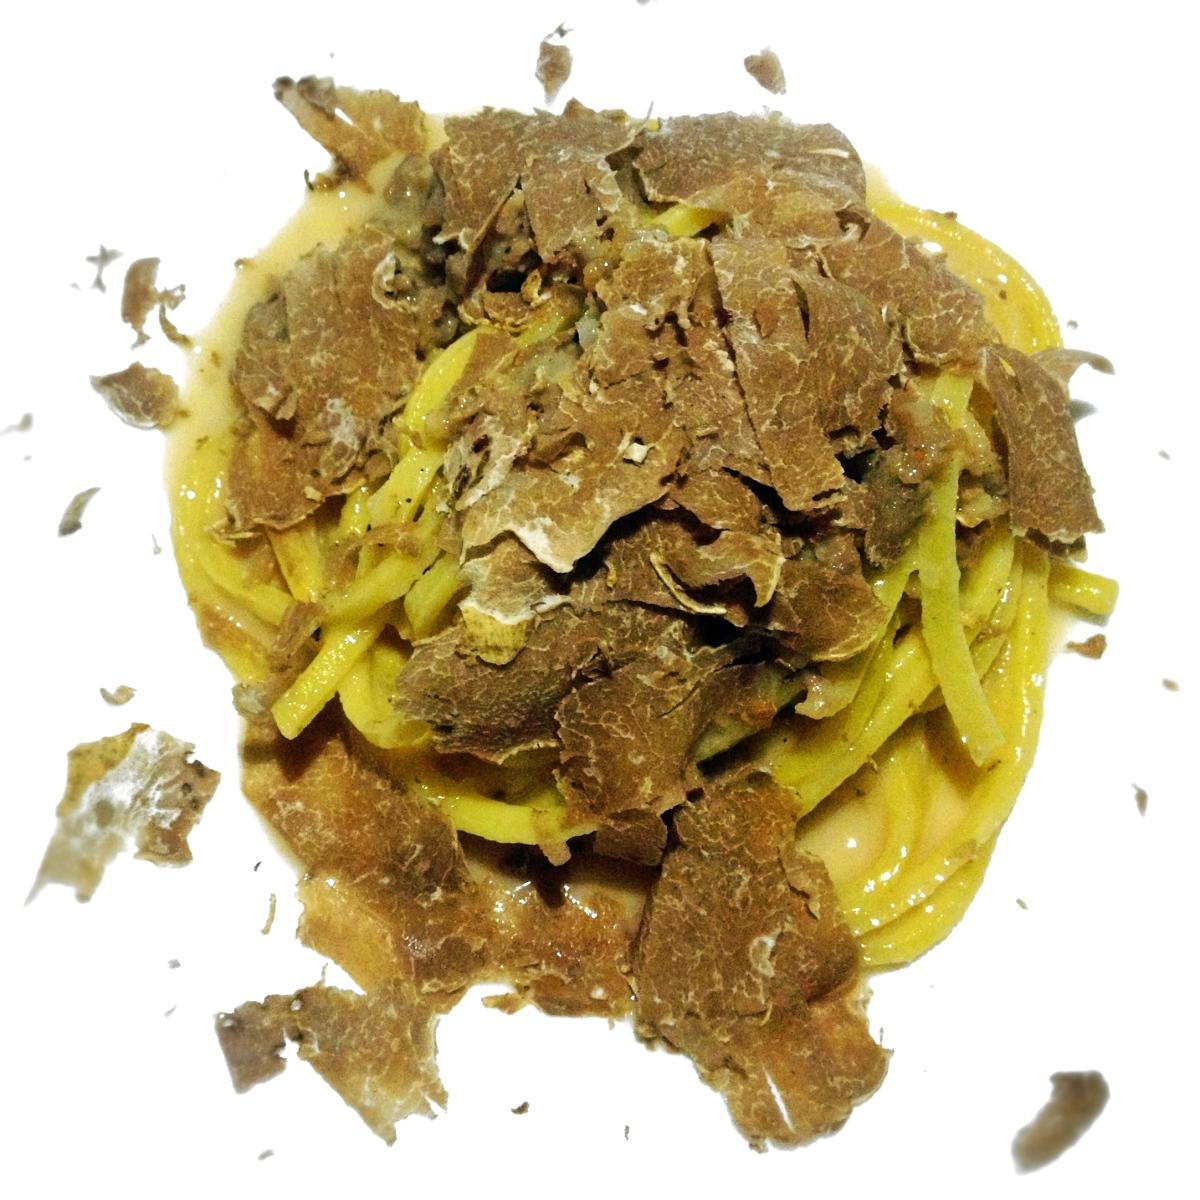 Chef Mirko's White Truffle Pasta